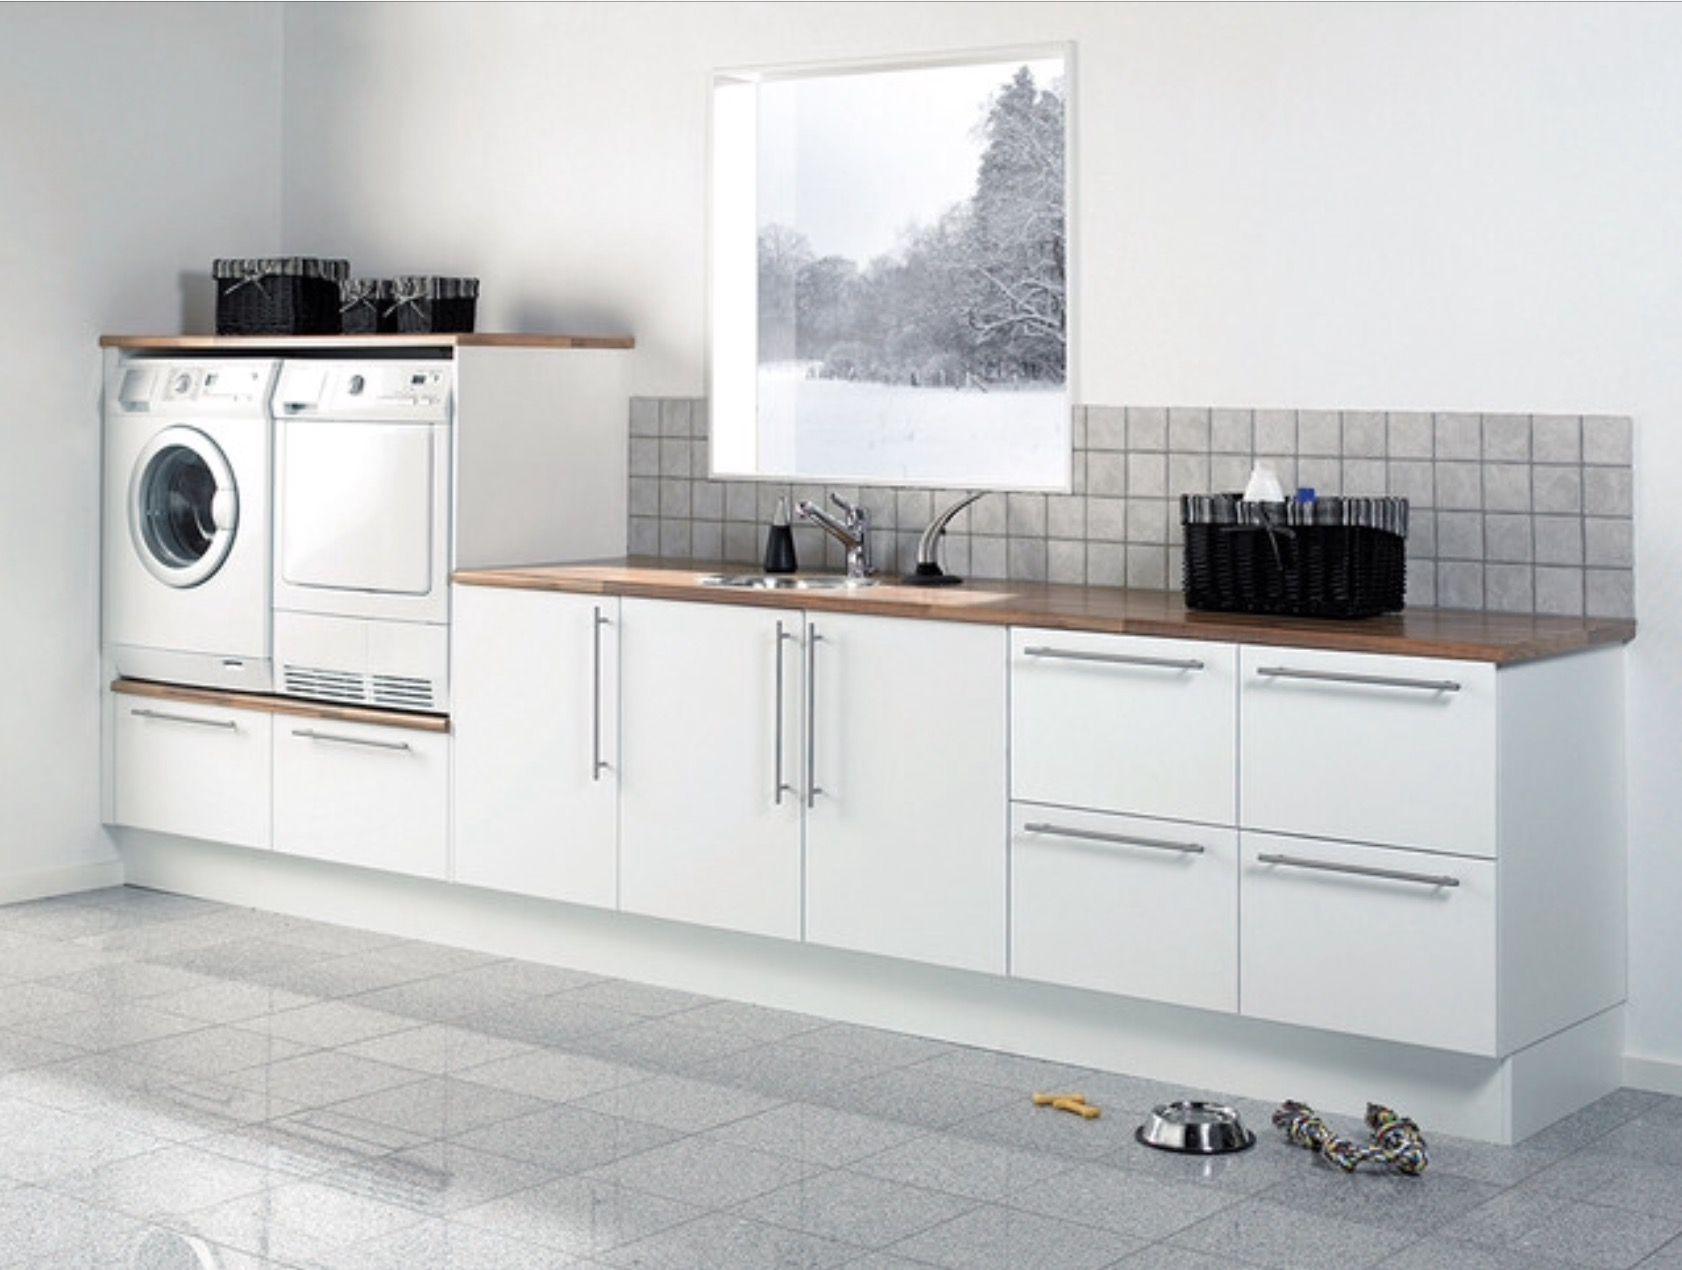 Pin Von Ralph Auf Interieure Maison Waschraumgestaltung Waschkuchendesign Badezimmer Wasche